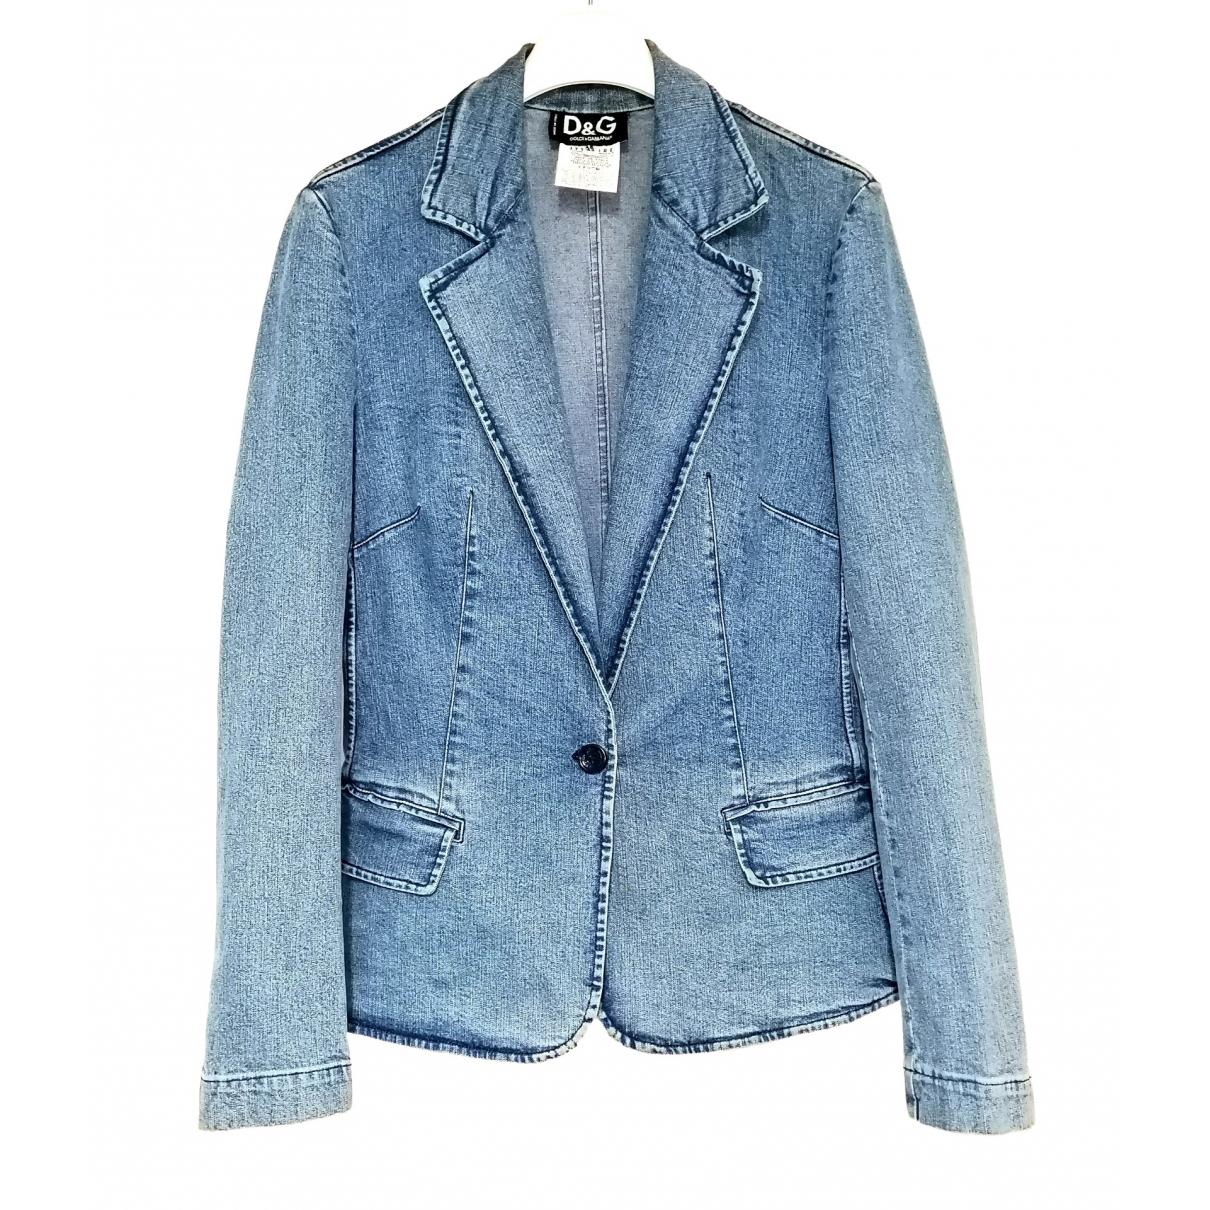 Dolce & Gabbana \N Blue Denim - Jeans jacket for Women 42 IT